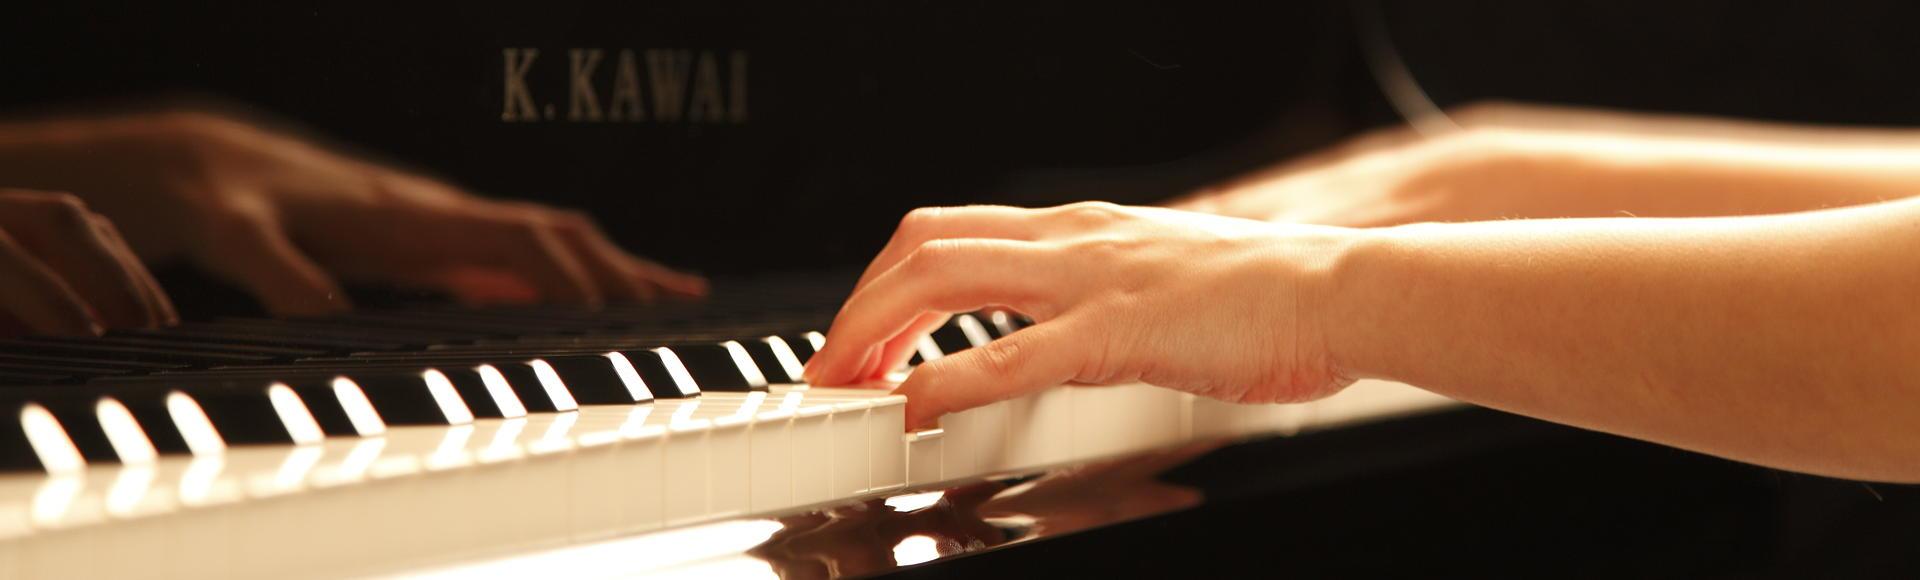 Virtuosität entsteht beim Spiel.